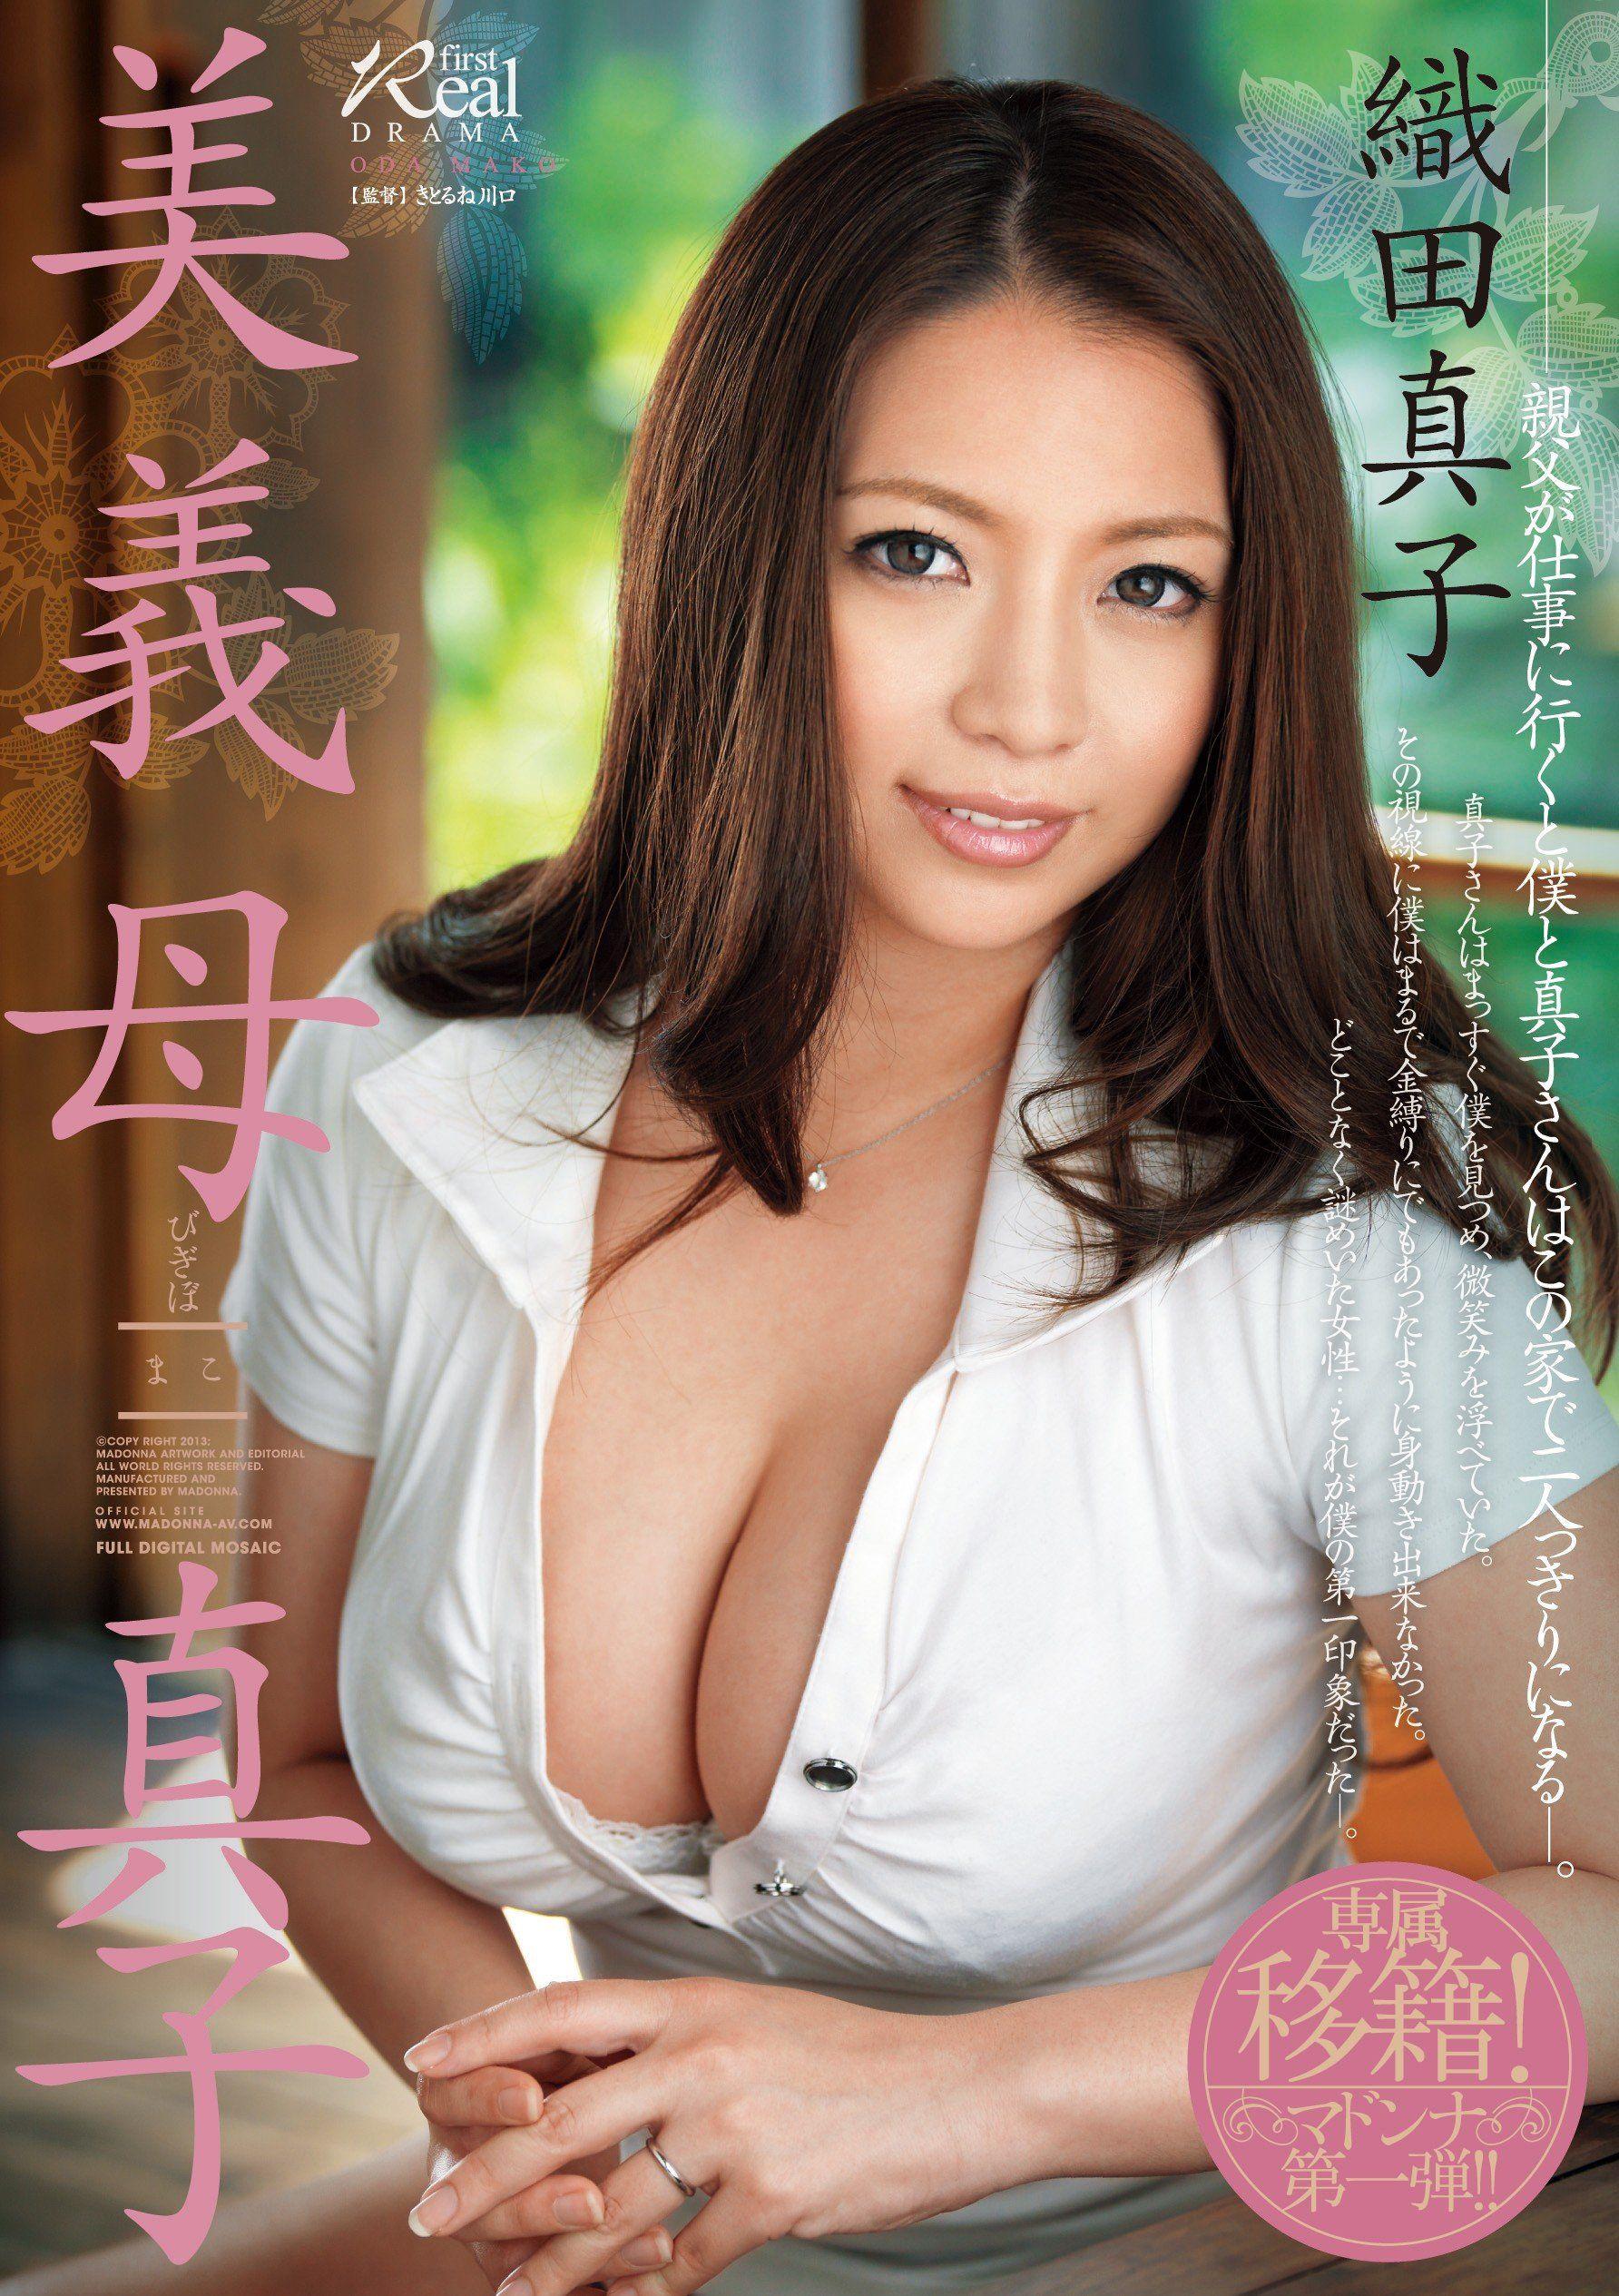 Adn068 oda mako beautifully woman 9